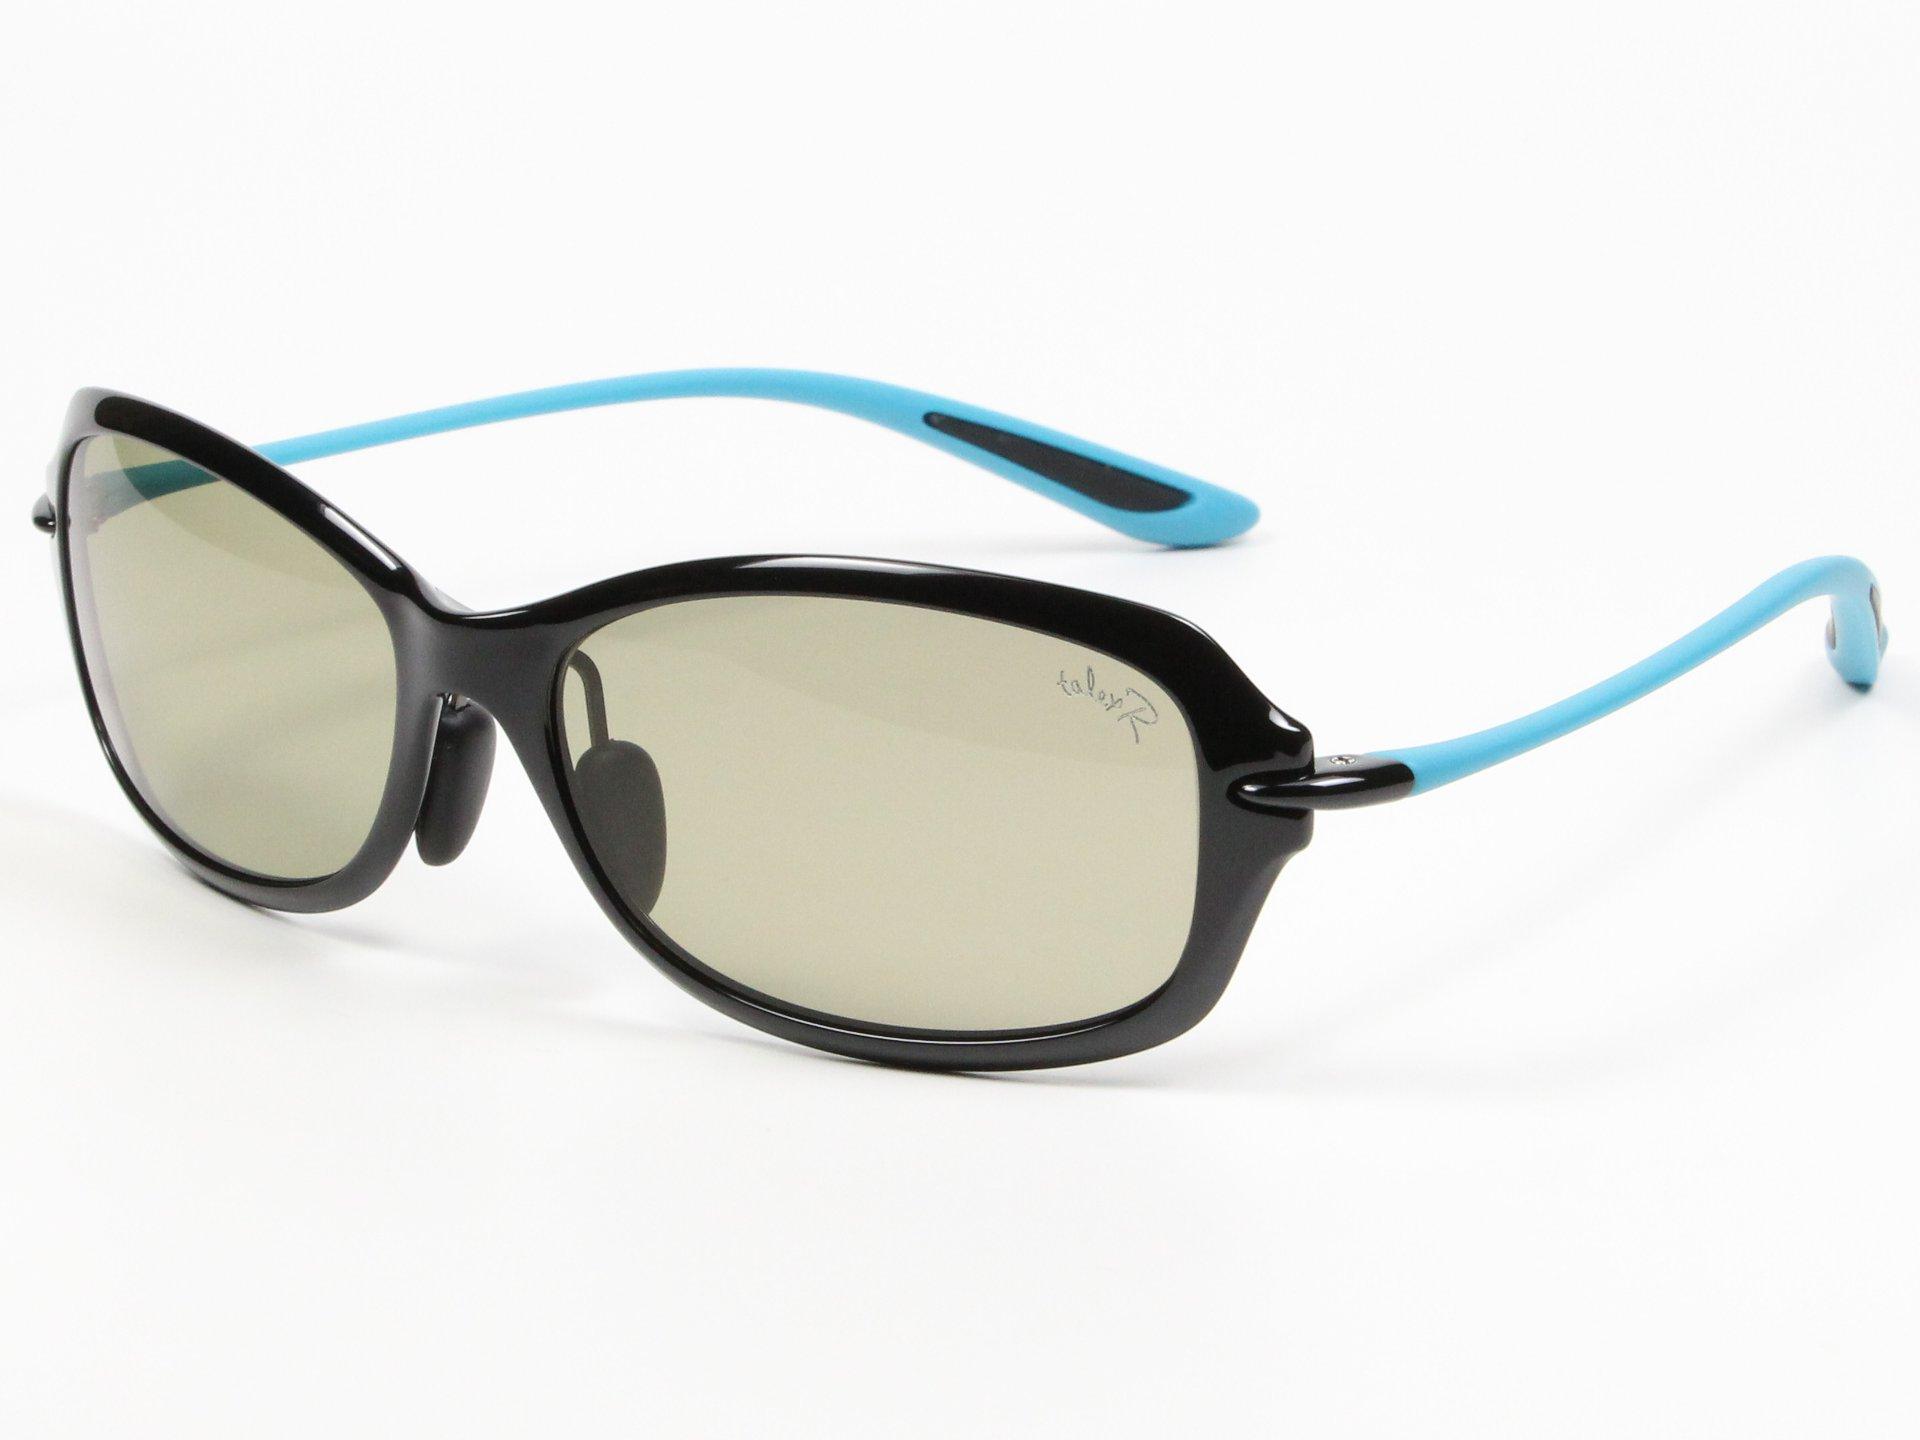 TALEX(タレックス)度なしサングラス製作例 OZNIS FLAT11(オズニス・フラット11)